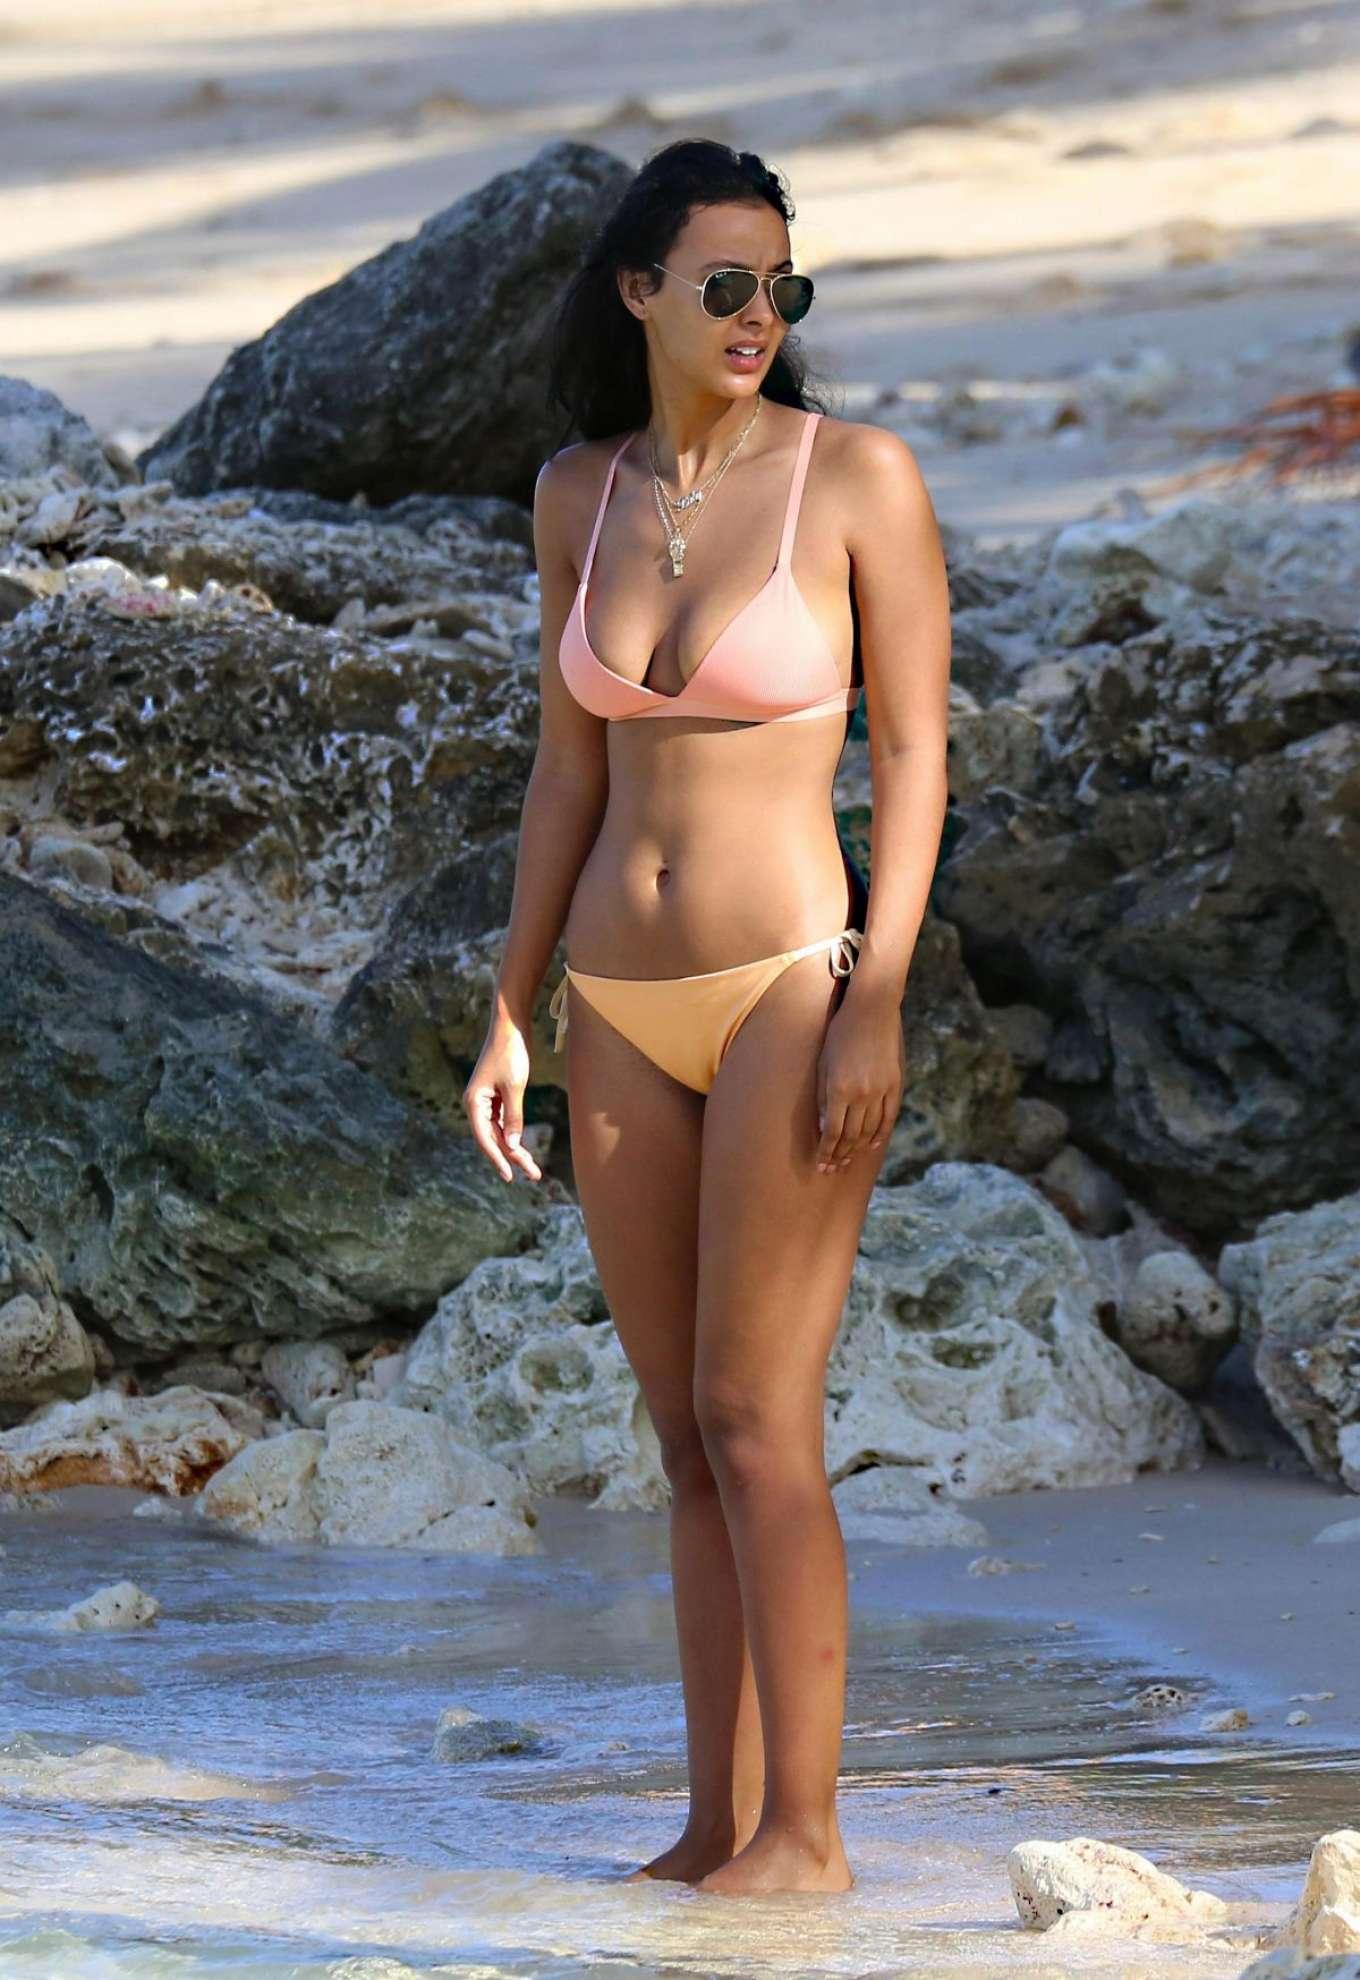 Maya Jama in Pink Bikini on the Beach in Barbados